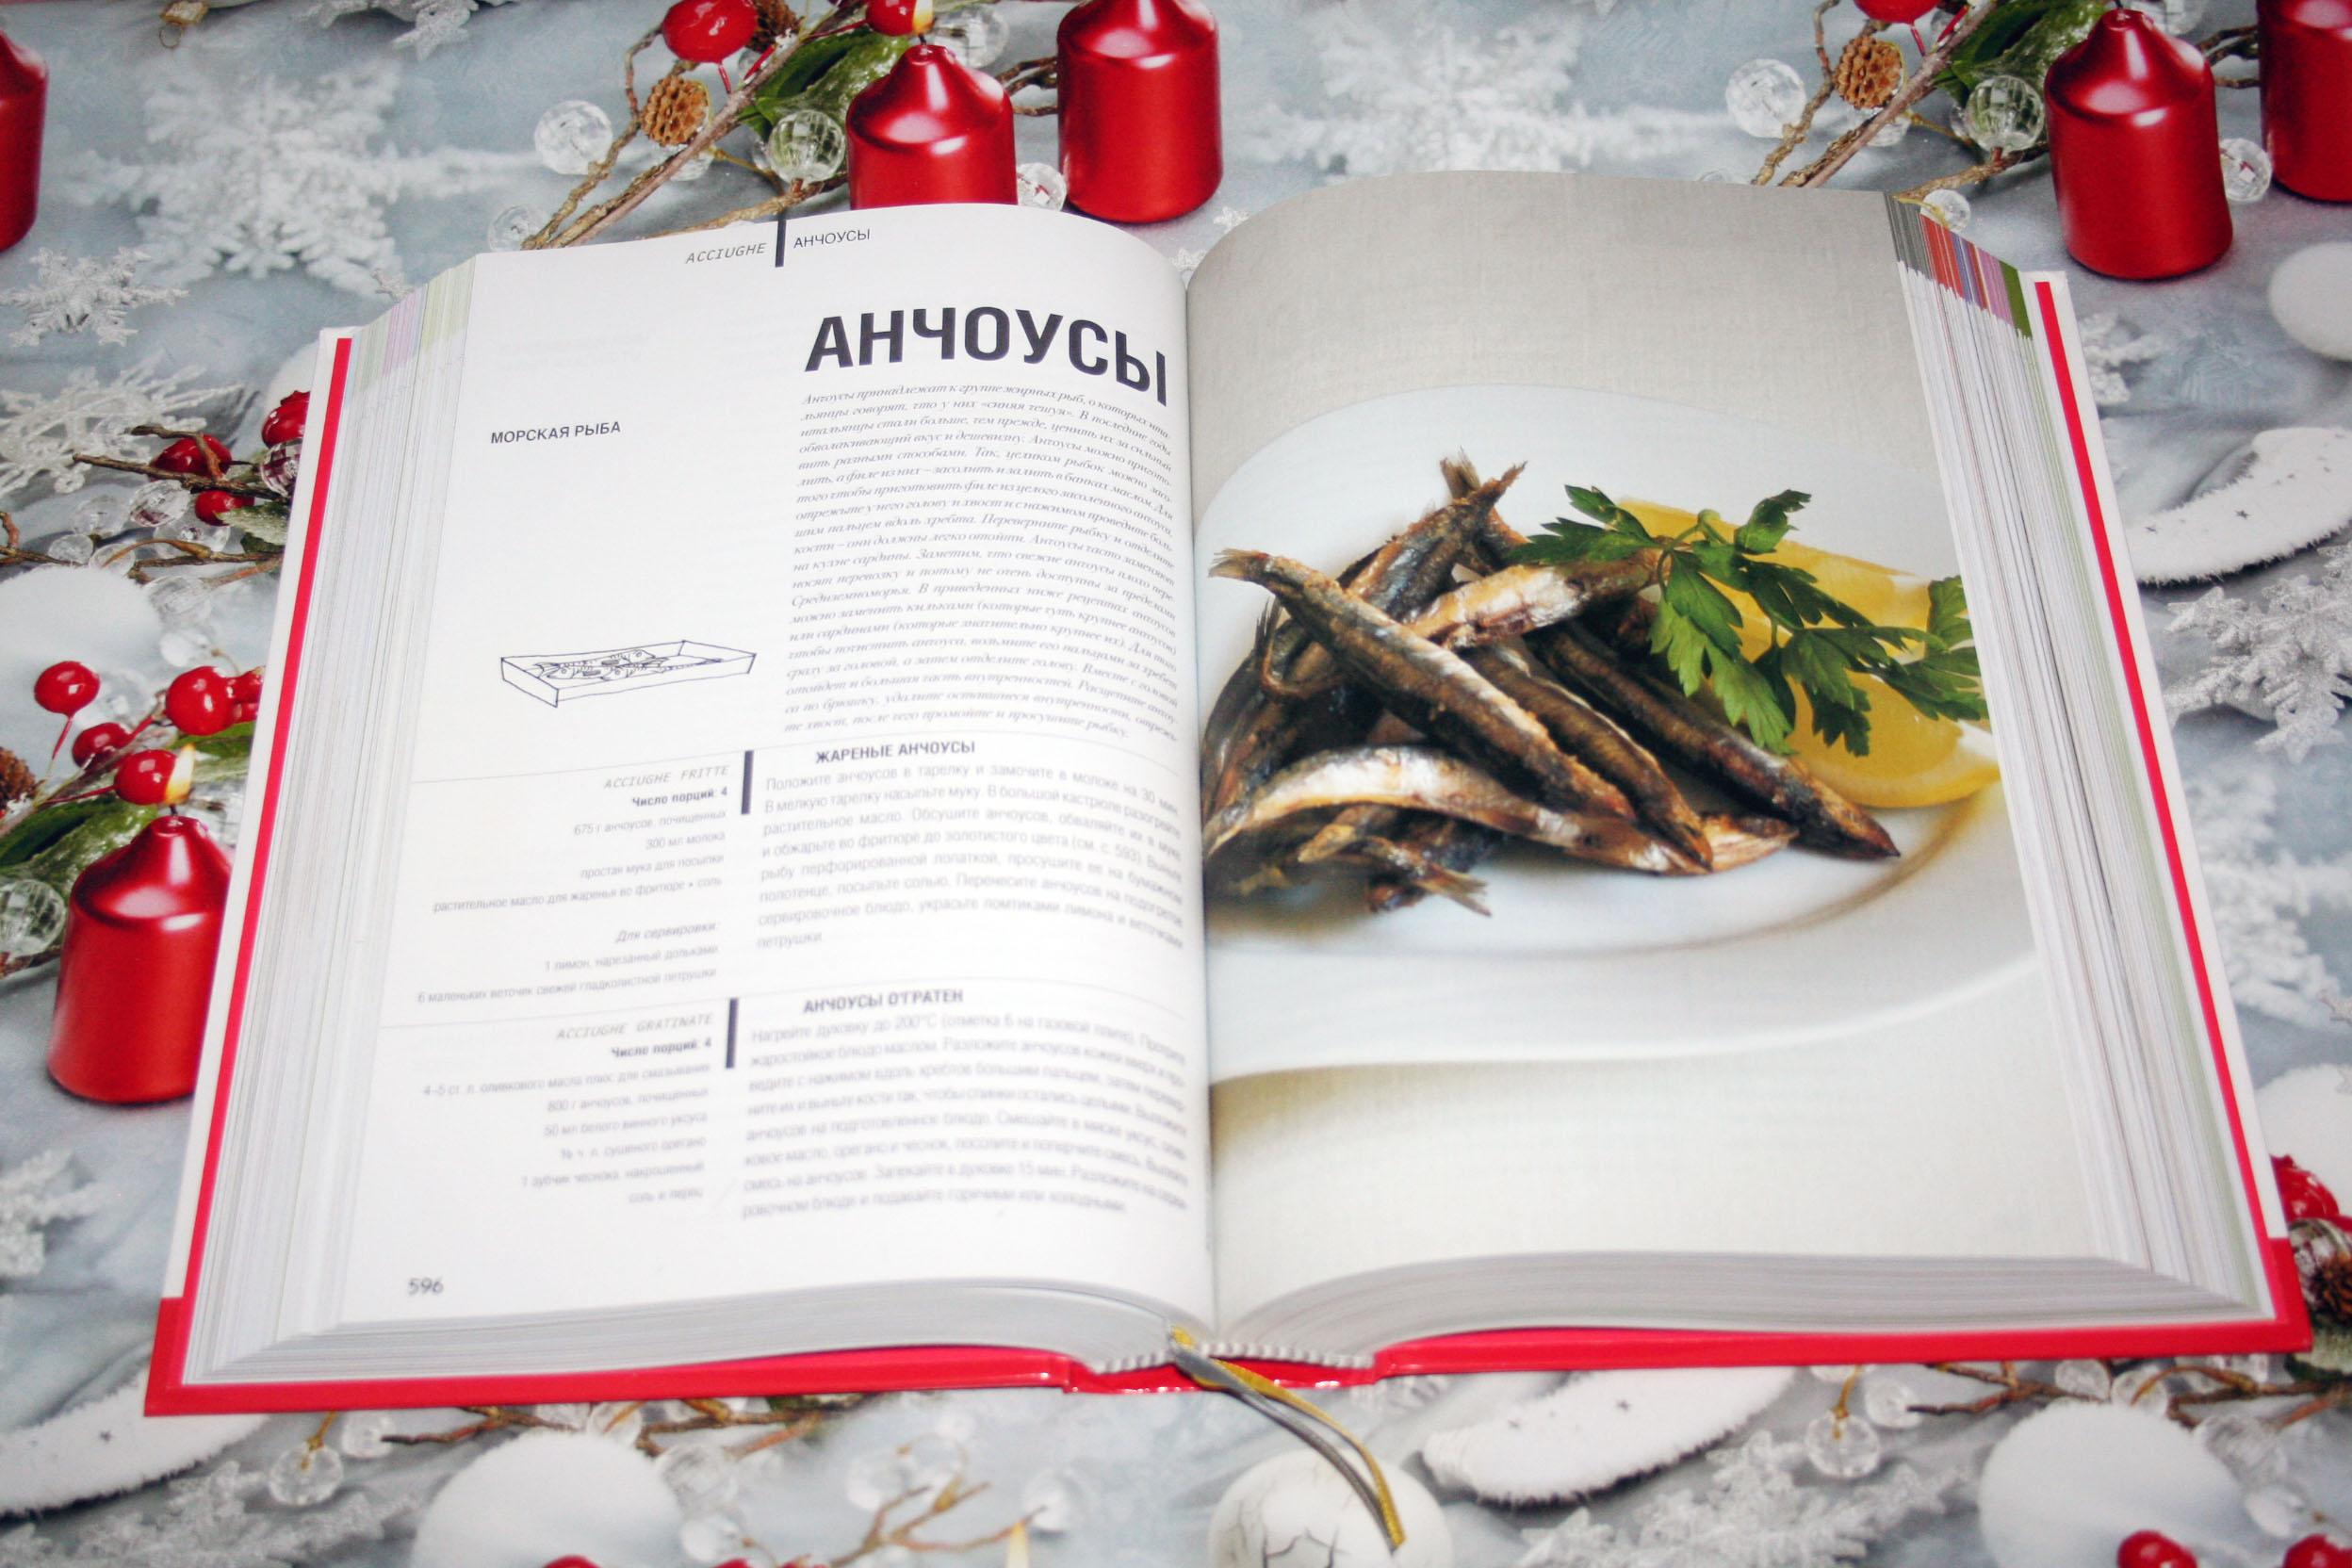 Кулинарная книга серебряная ложка скачать бесплатно